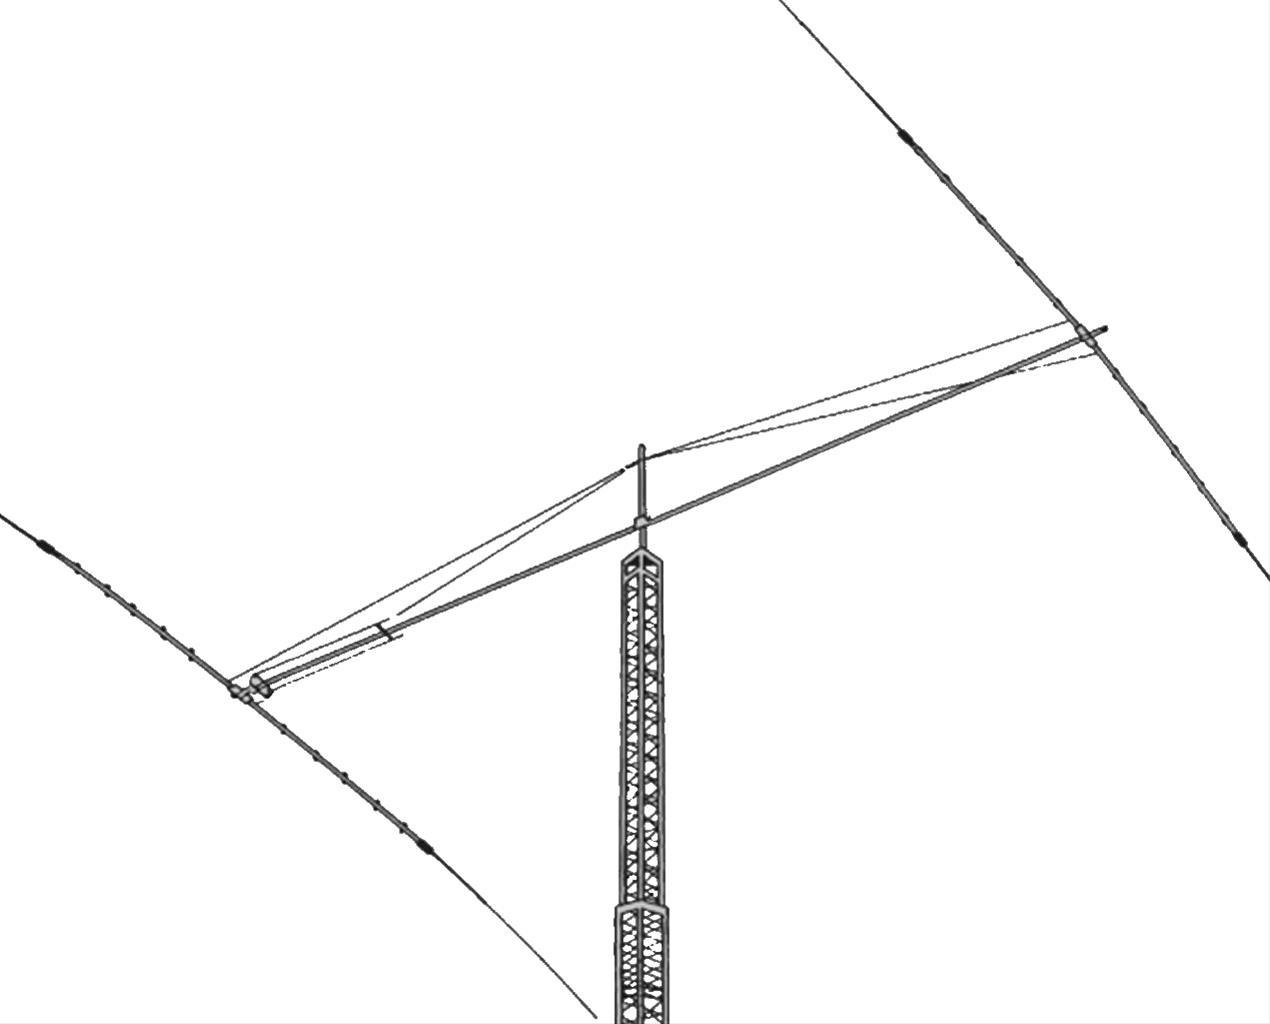 Hy Gain Discoverer 7 2 40 Meter Yagi Antennas Dis 72